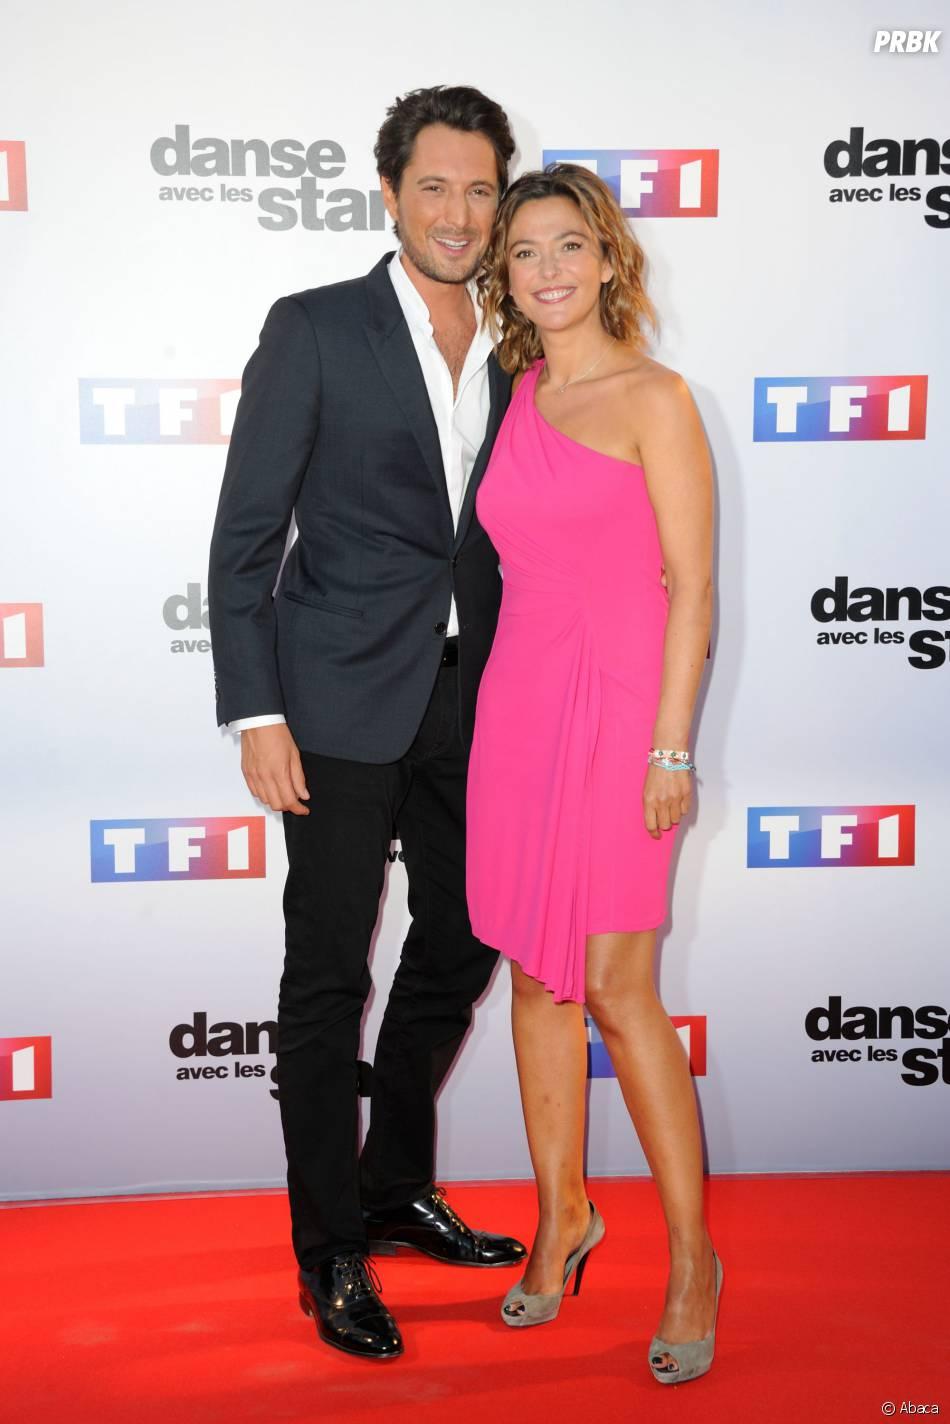 Vincent Cerutti et Sandrine Quétier lors de la conférence de presse de Danse avec les Stars 5 le 10 septembre 2014